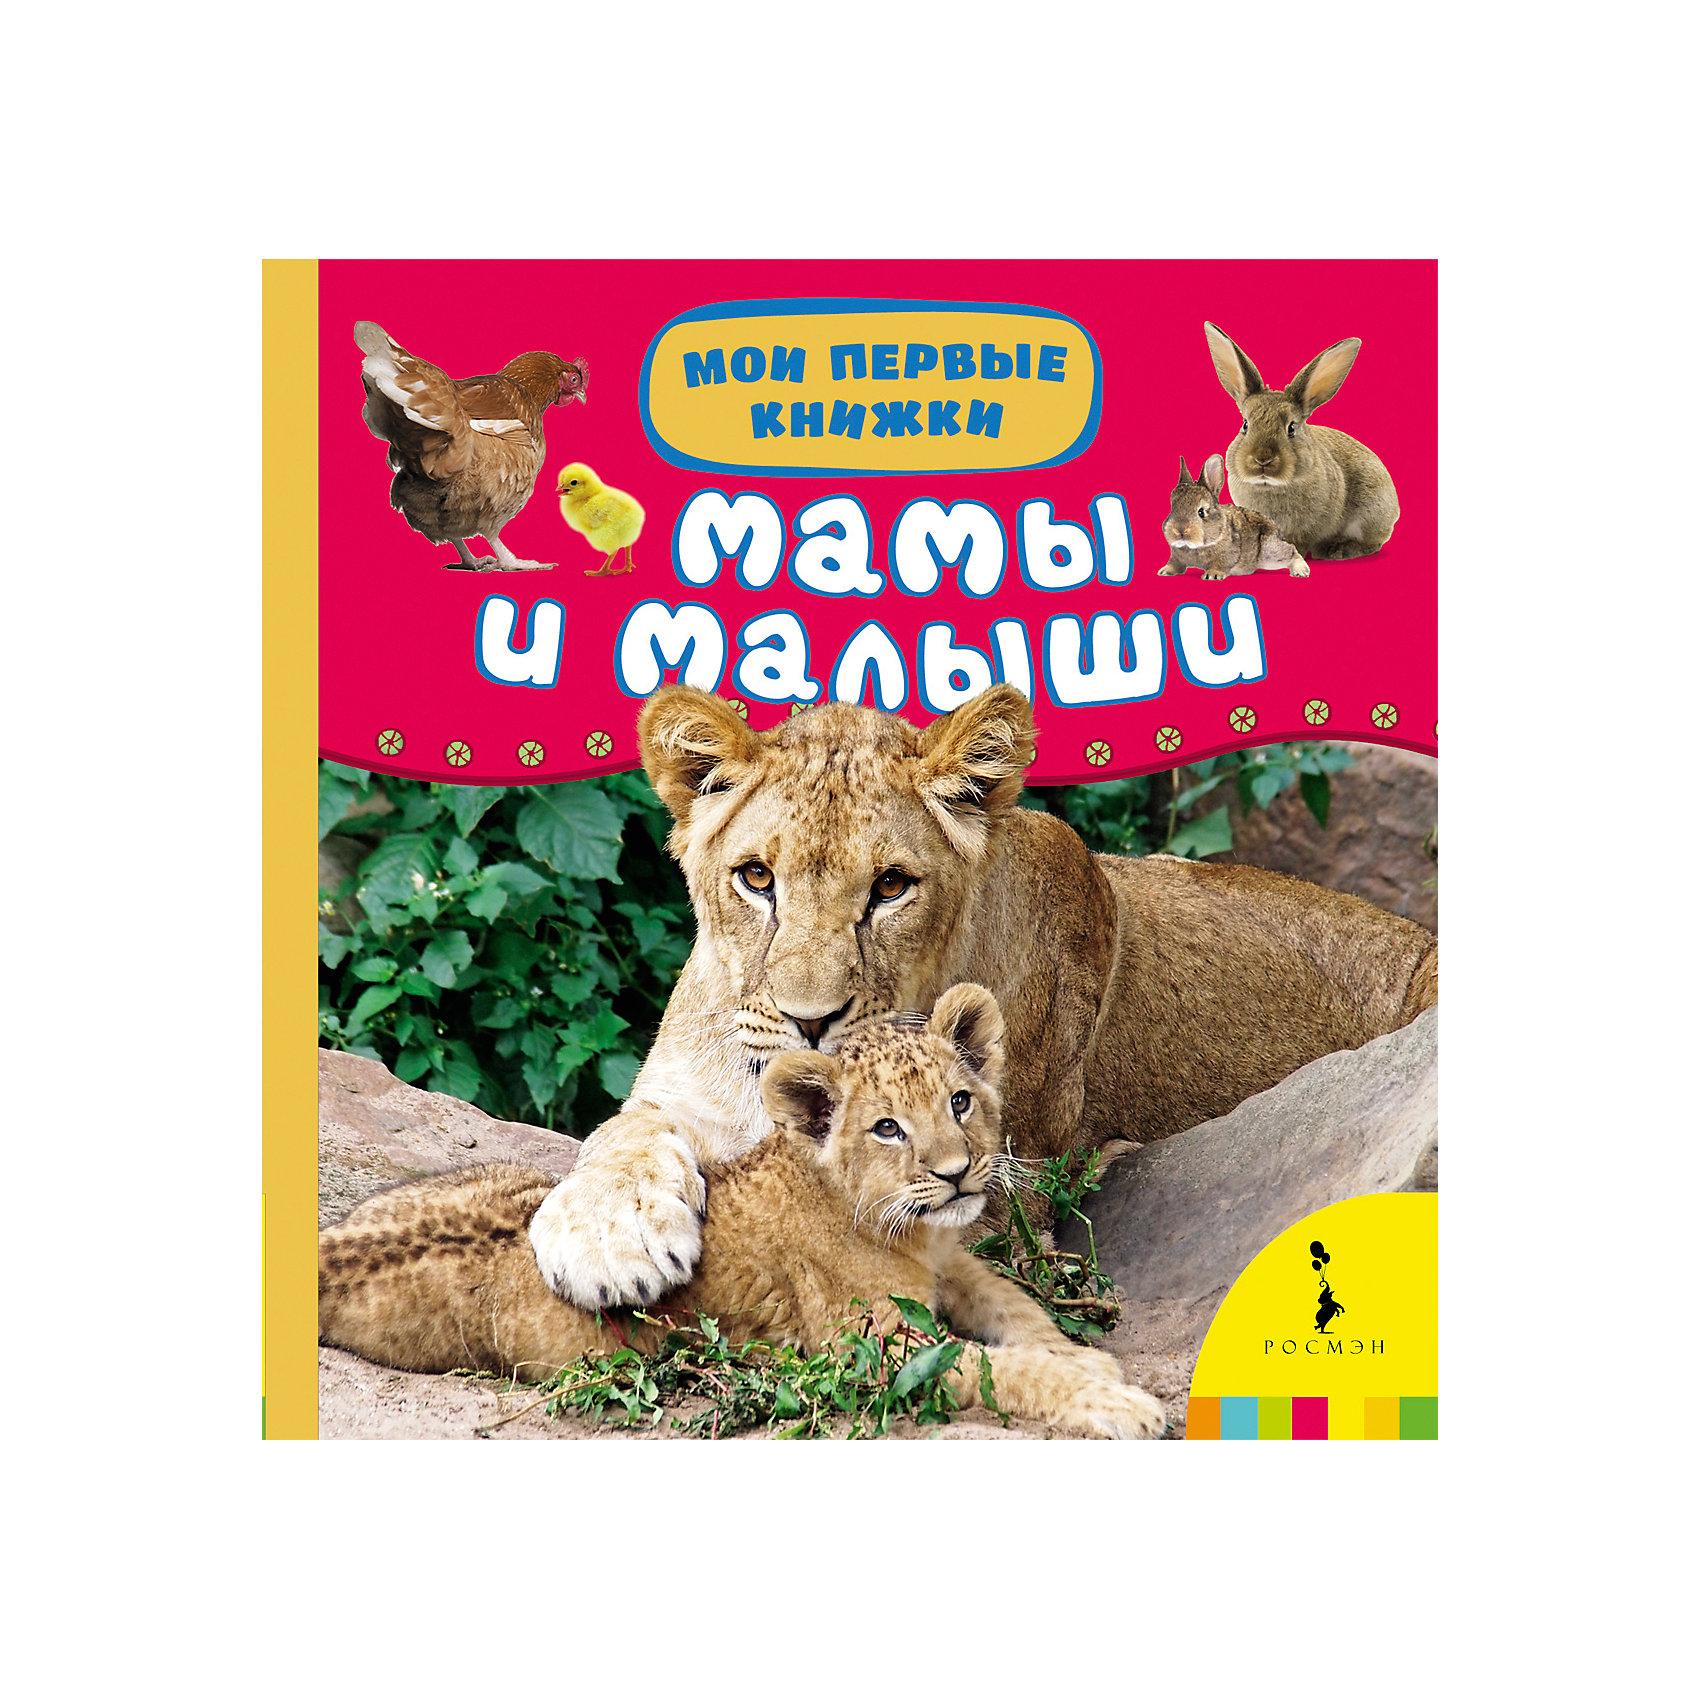 Мамы и малыши (Мои первые книжки)Первые книги малыша<br>Характеристики товара:<br><br>- цвет: разноцветный;<br>- материал: бумага;<br>- страниц: 14;<br>- формат: 17 х 17 см;<br>- обложка: картон;<br>- для чтения детям. <br><br>Издания серии Мои первые книжки - отличный способ занять ребенка! Эта красочная книга станет отличным подарком для родителей и малыша. Она содержит в себе полезную информацию и яркие картинки, которые так любят дети. Отличный способ привить малышу любовь к чтению и начать обучение!<br>Чтение и рассматривание картинок даже в юном возрасте помогает ребенку развивать память, концентрацию внимания и воображение. Издание произведено из качественных материалов, которые безопасны даже для самых маленьких.<br><br>Издание Мамы и малыши (Мои первые книжки) от компании Росмэн можно купить в нашем интернет-магазине.<br><br>Ширина мм: 165<br>Глубина мм: 165<br>Высота мм: 20<br>Вес г: 342<br>Возраст от месяцев: 0<br>Возраст до месяцев: 36<br>Пол: Унисекс<br>Возраст: Детский<br>SKU: 5110086